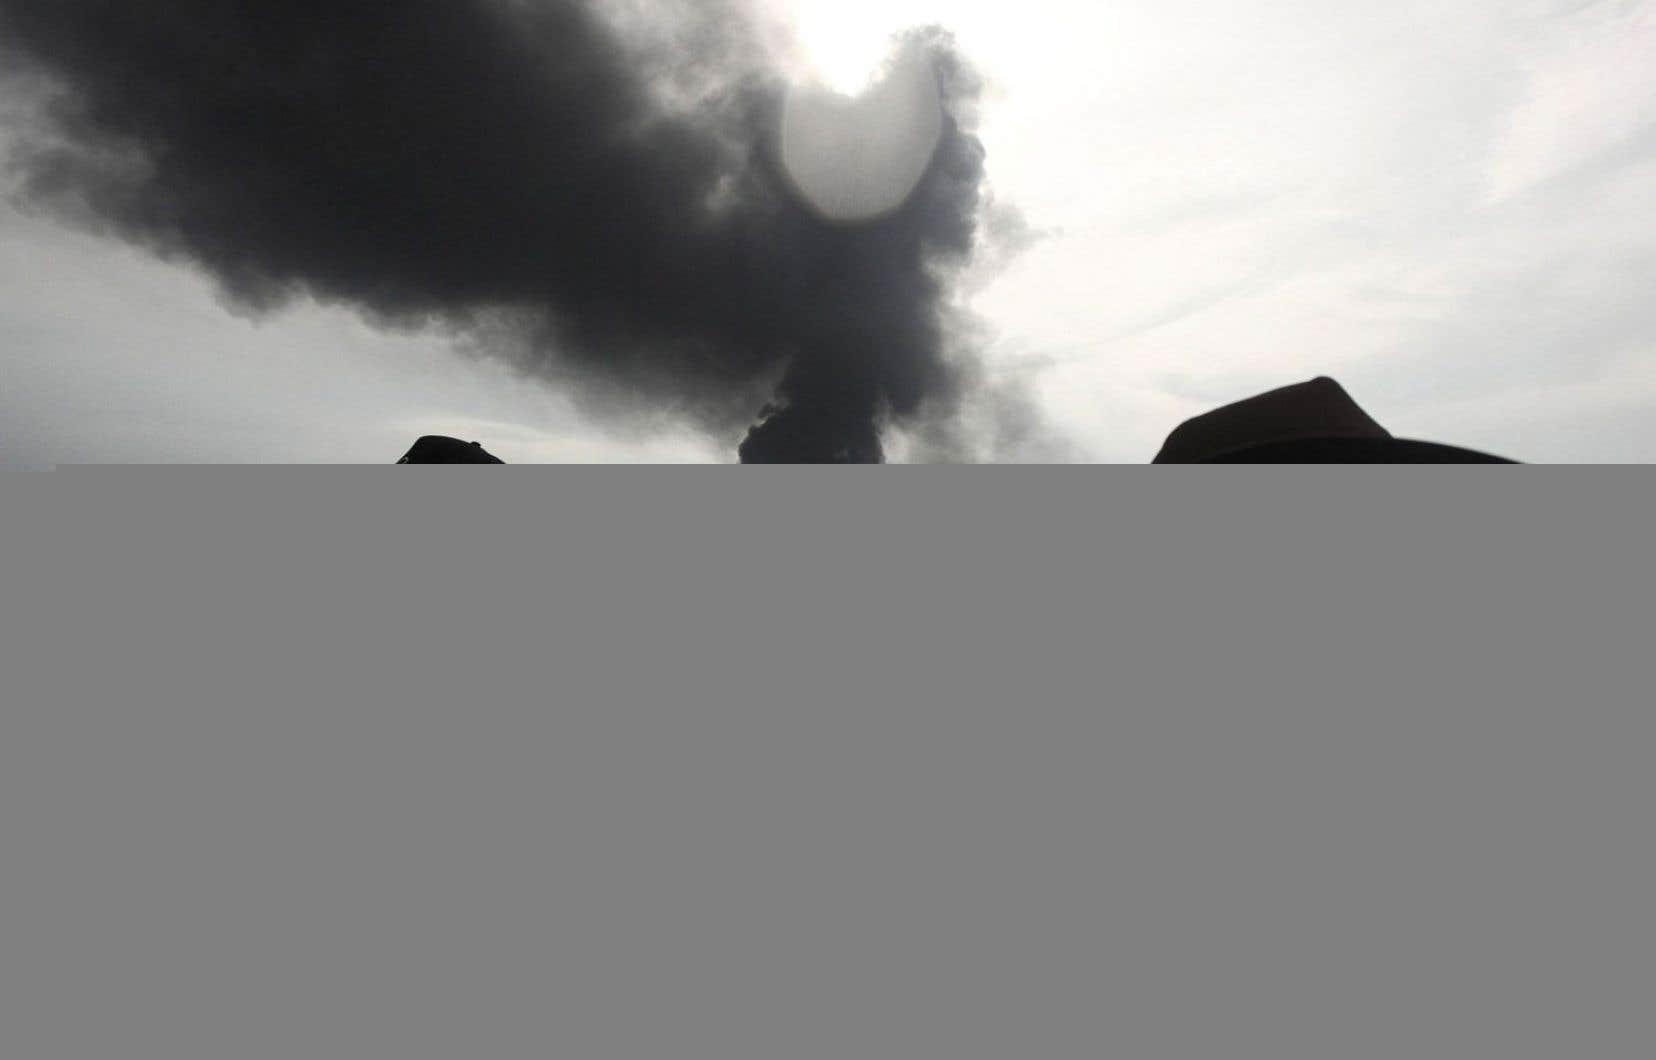 Des membres de Sea Shepherd, une organisation vouée à la conservation de la biodiversité marine, surveillent l'incendie qui s'est déclaré samedi sur le navire-citerne Burgos, au large de Boca del Rio, au Mexique. Le feu a été éteint après avoir brûlé plus de 24 heures, sans faire de victimes. Des fuites d'hydrocarbures auraient toutefois été relevées.